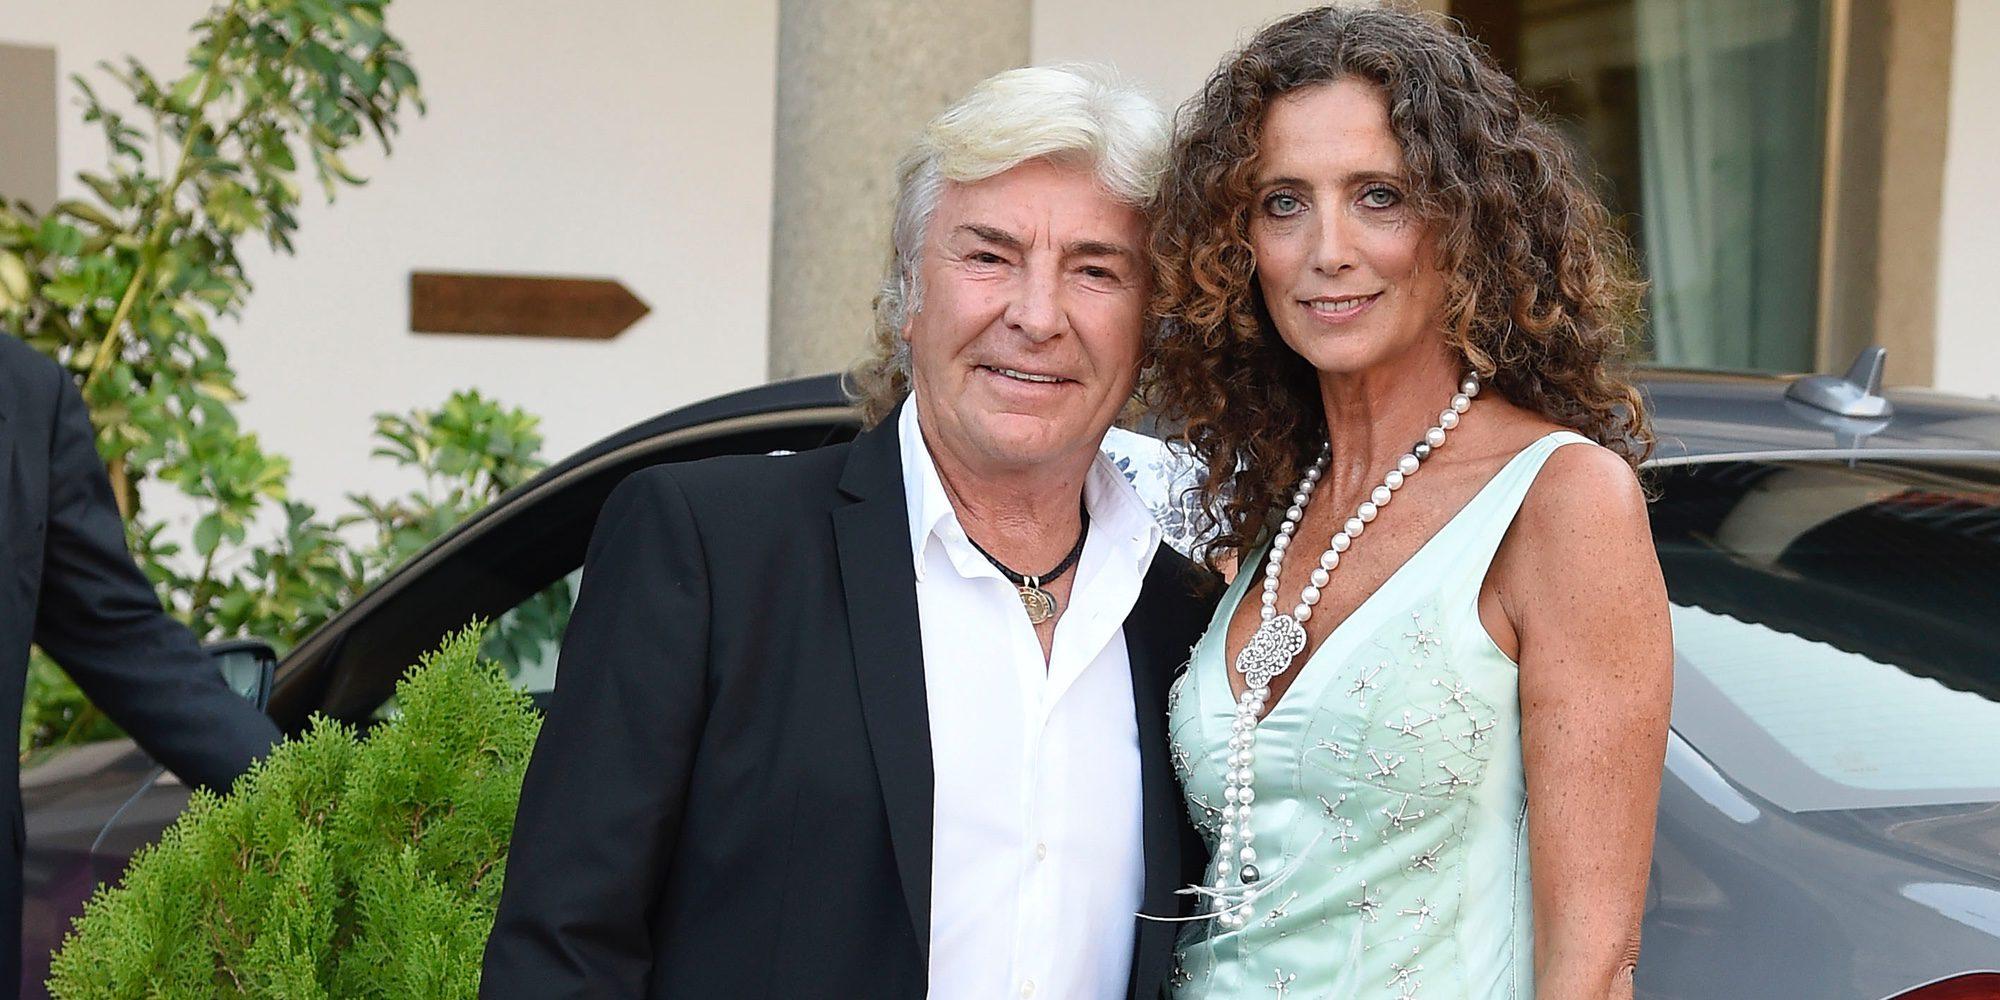 El pasado oculto de Belinda Alonso, la viuda de Ángel Nieto